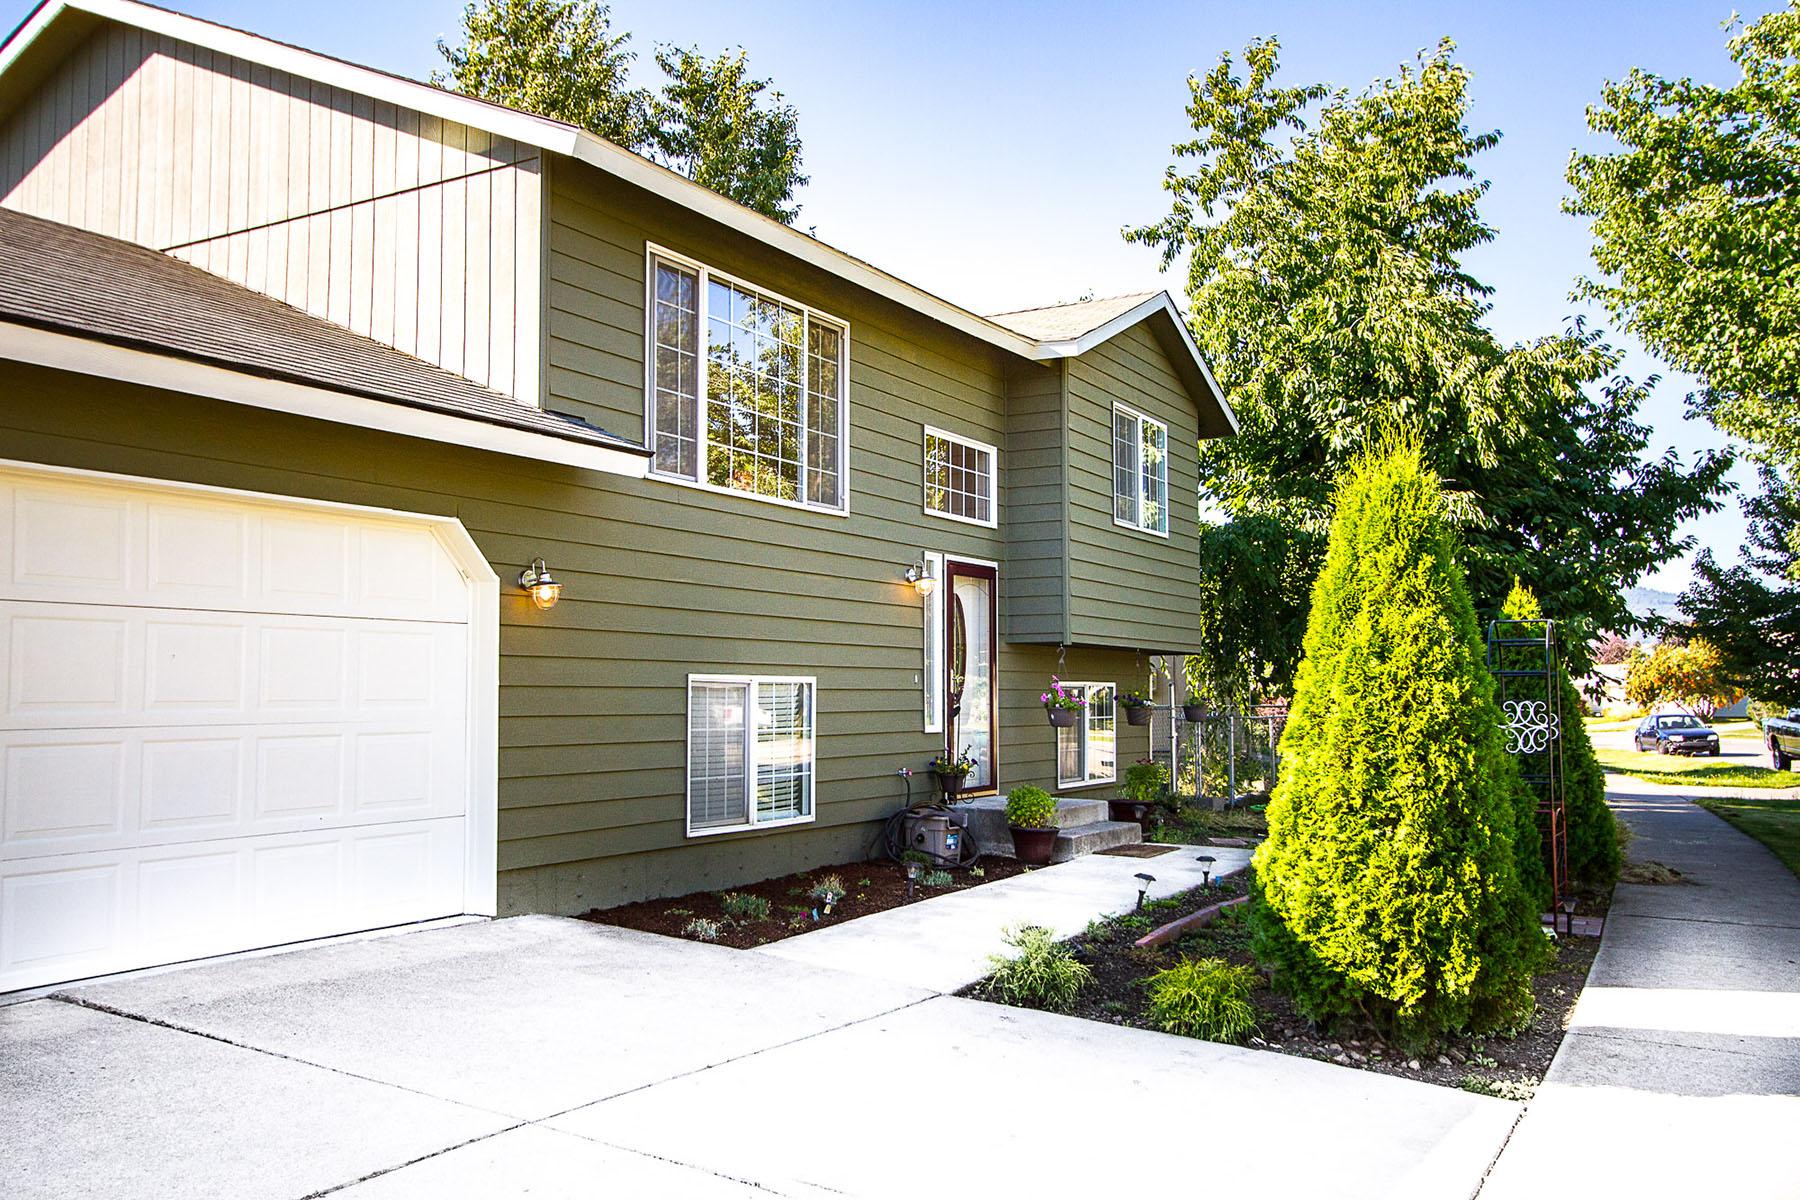 一戸建て のために 売買 アット Stylish Updated with Large Corner Lot 1806 N Lea St Post Falls, アイダホ, 83854 アメリカ合衆国